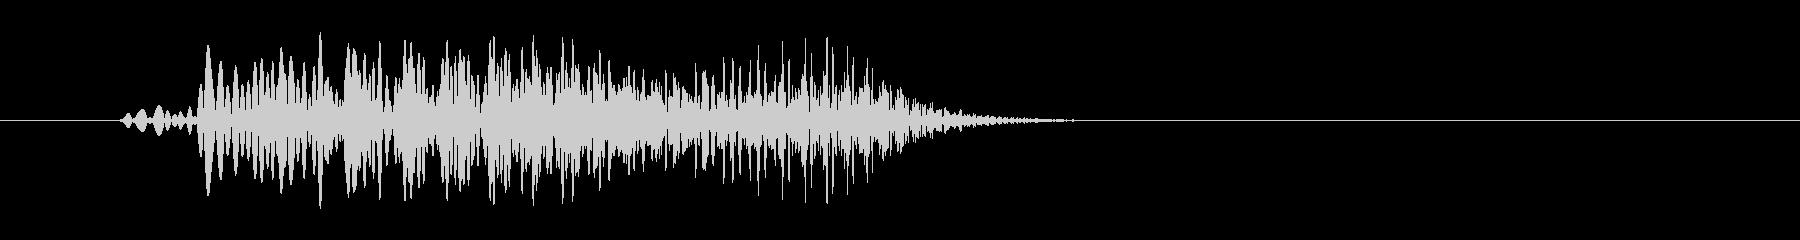 プイッ(ゲームの中で何かを投げる効果音)の未再生の波形